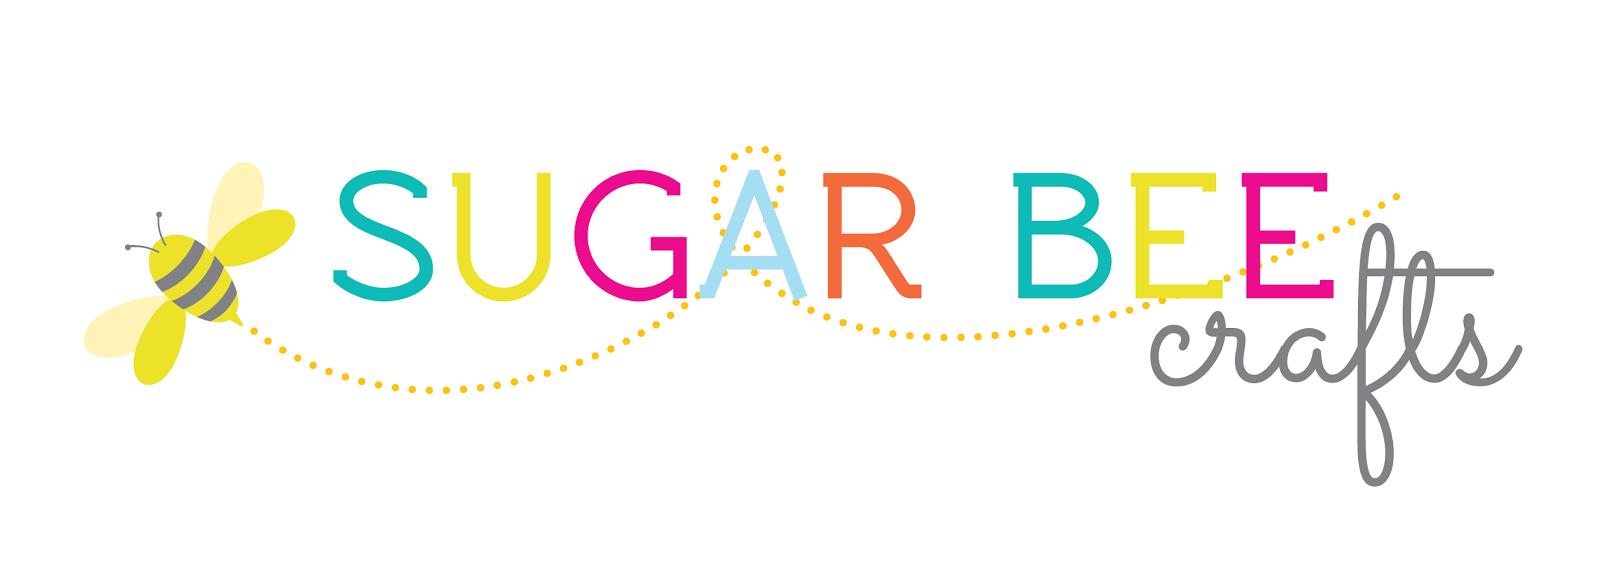 sugarbee-01.png